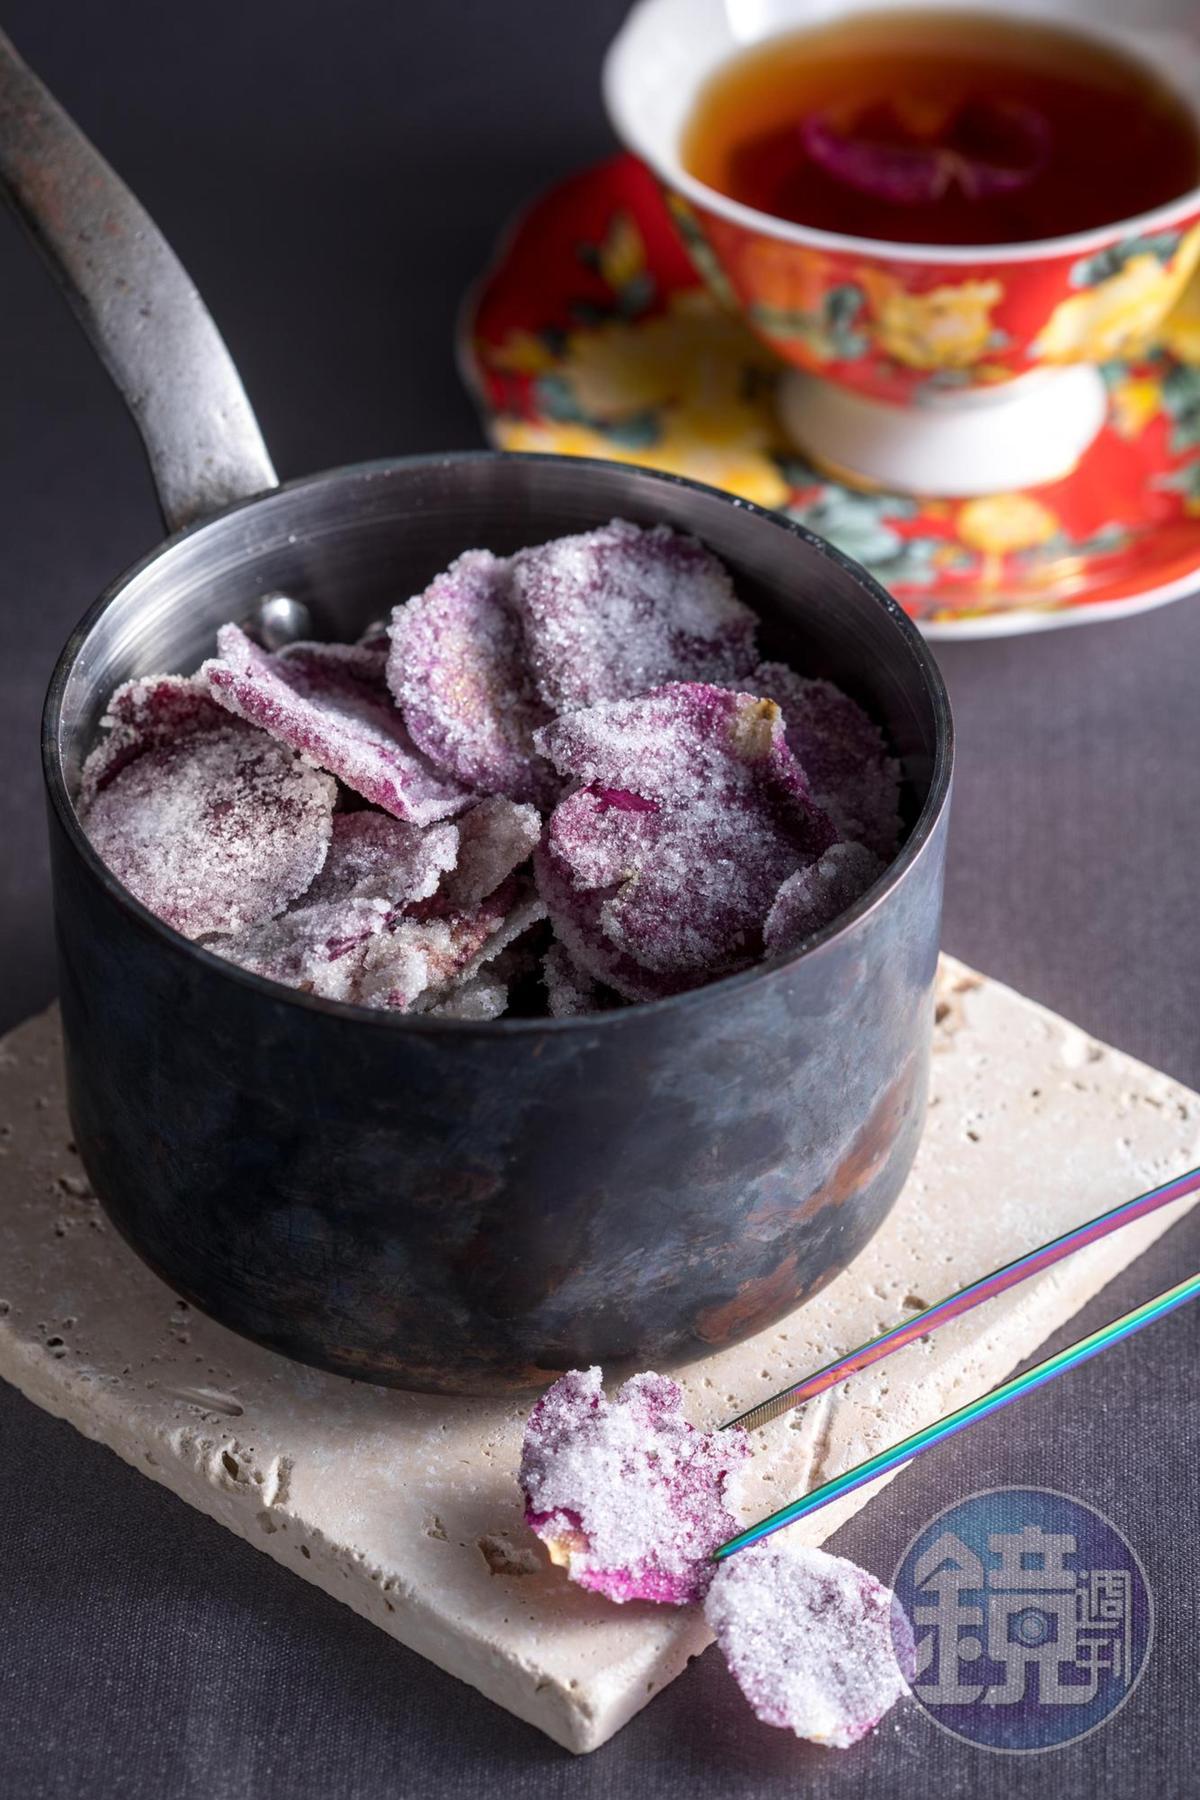 加入熱茶裡的「有機玫瑰糖」會慢慢俥展出花瓣。(免費,點咖啡、茶均附)